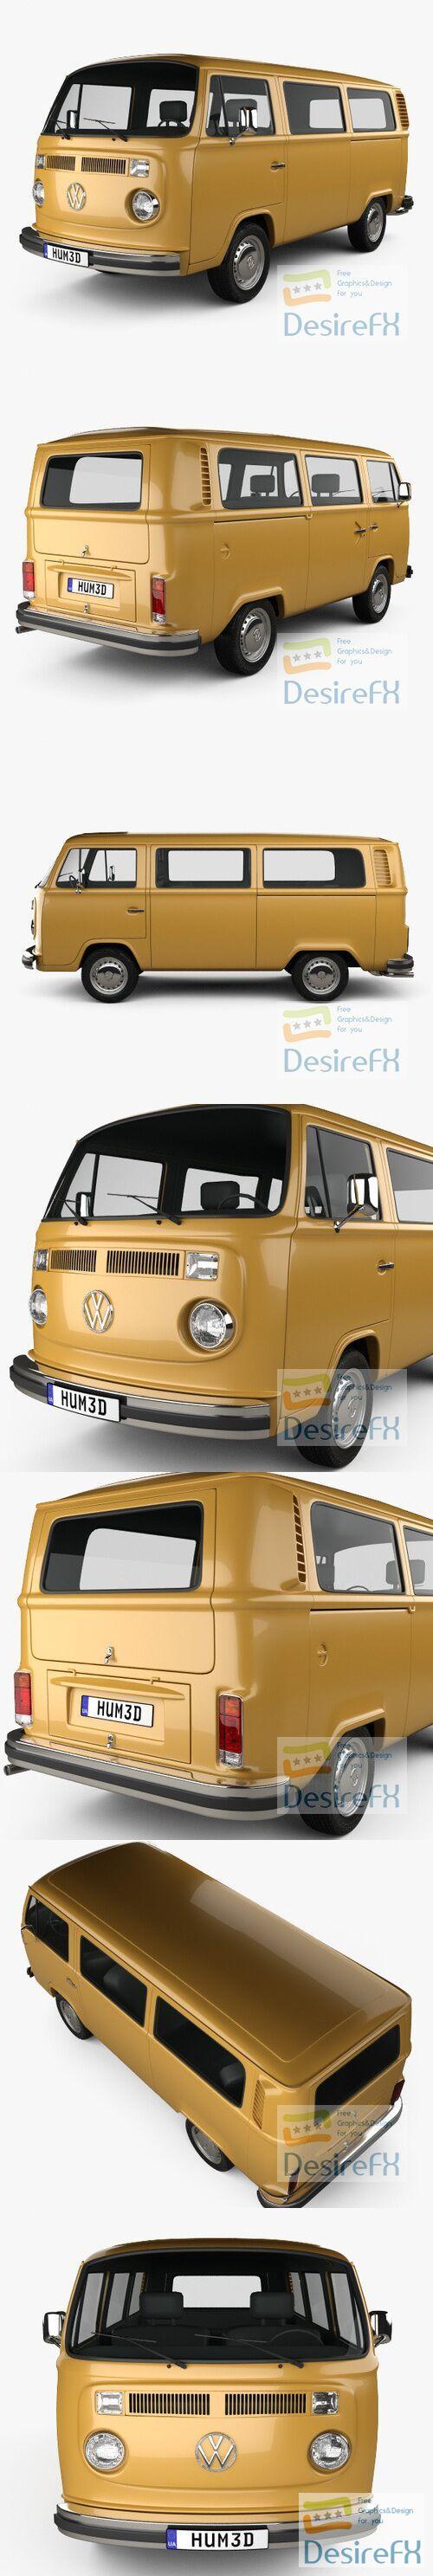 Volkswagen Transporter Passenger Van 1972 3D Model